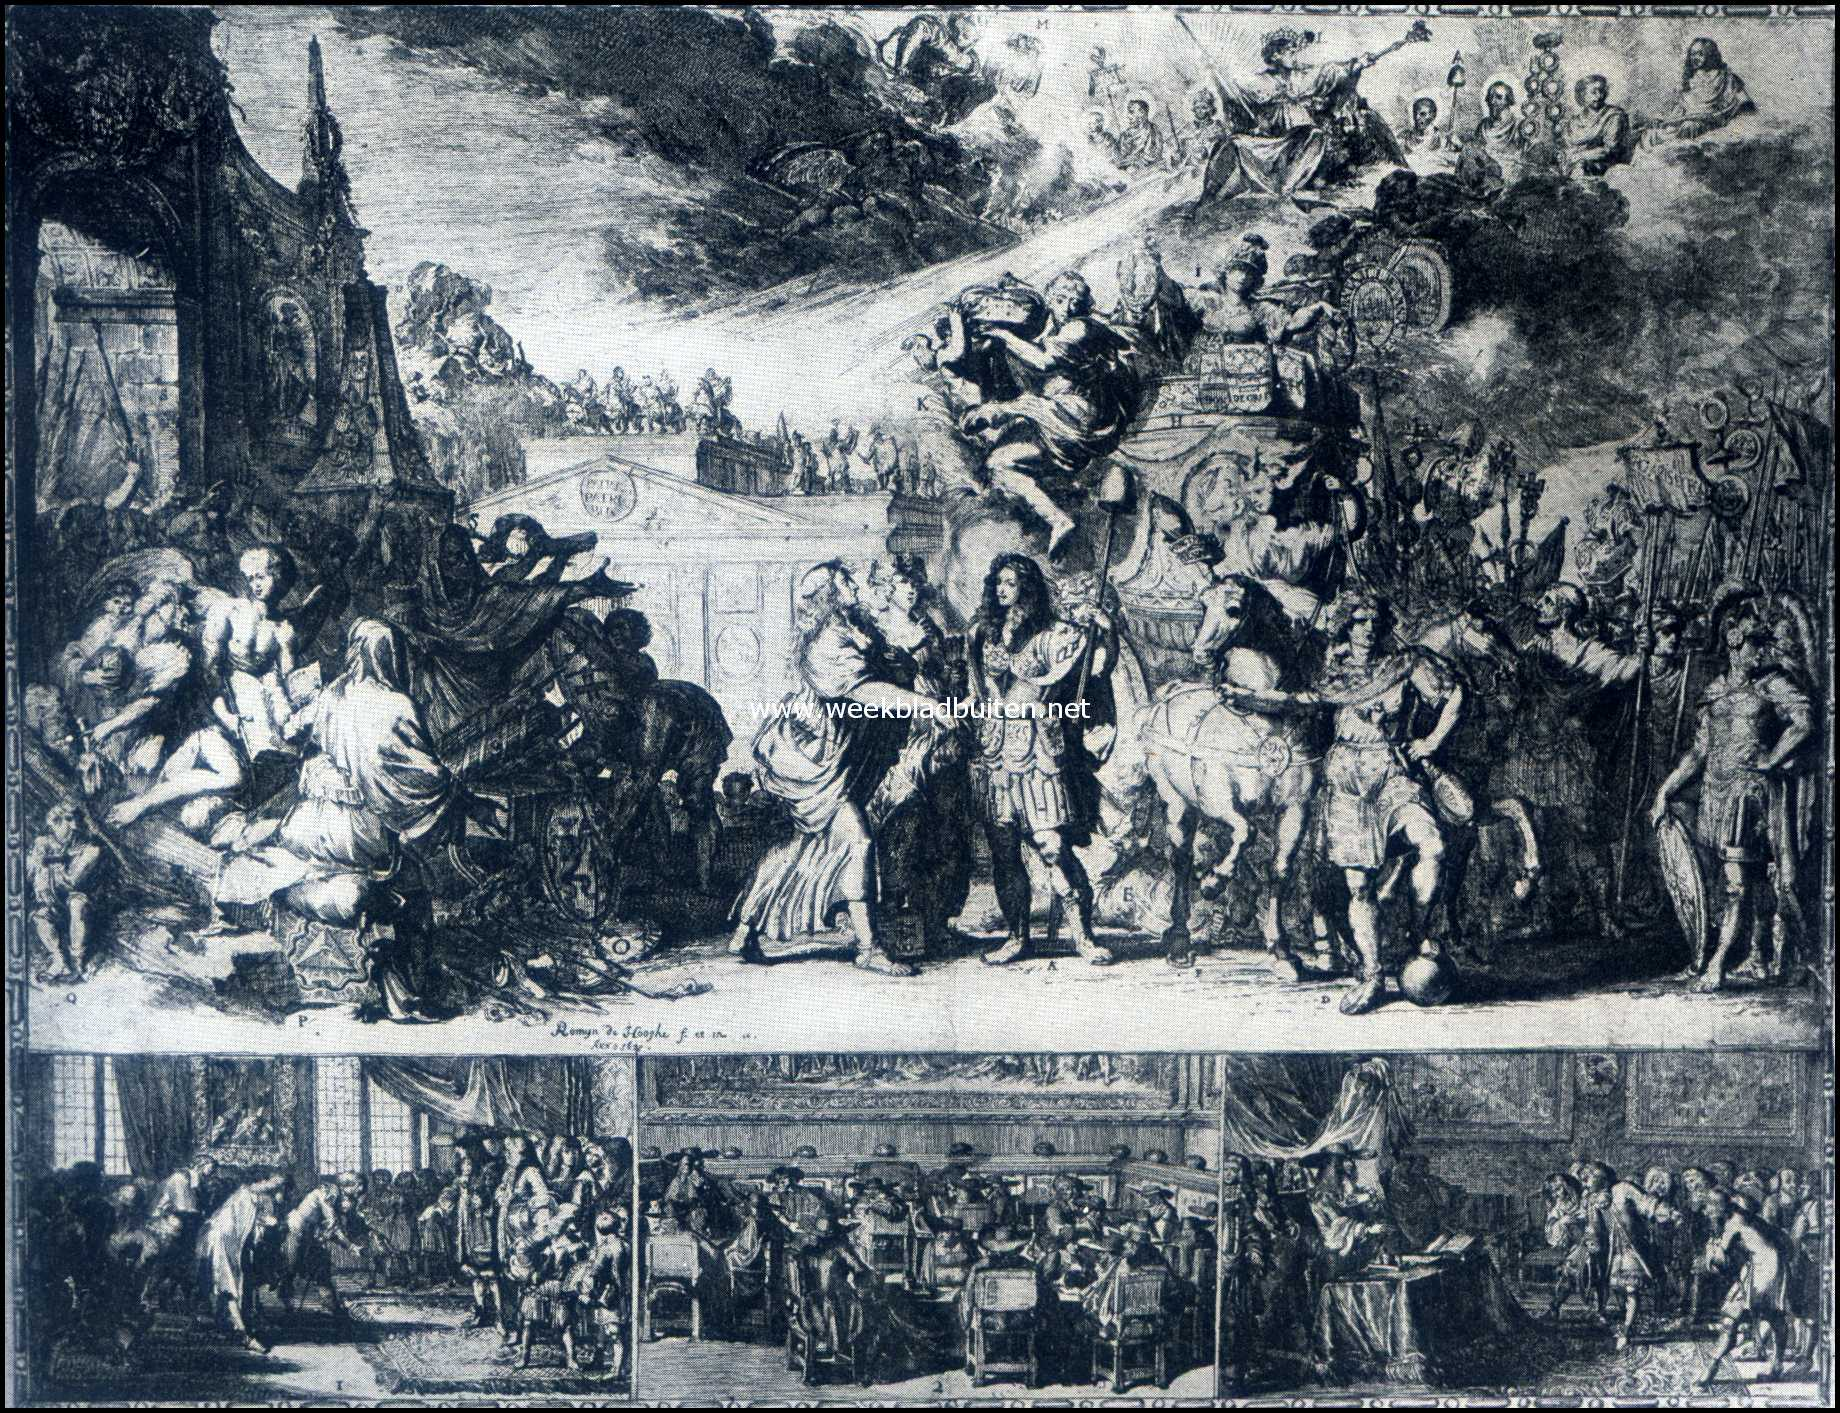 Het Kasteel Zuylestein. Een ets van Romein de Hooghe in de studeerkamer van den eigenaar van Zuylestein. (Vergelijk het fijngedrukte met onzen tekst)